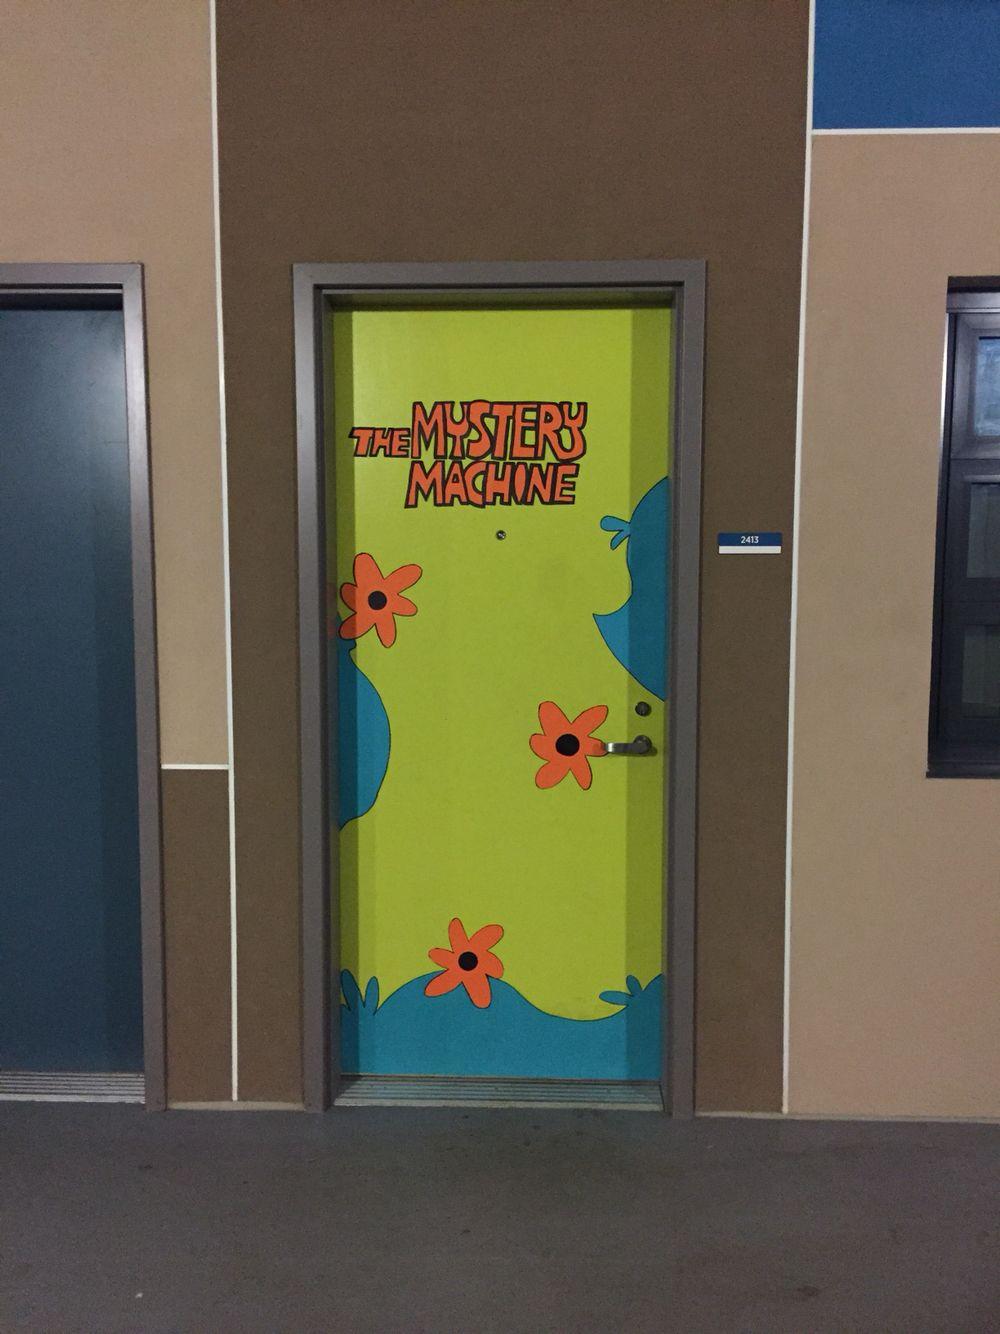 Halloween college dorm door decorations - The Mystery Machine (Scooby Doo)